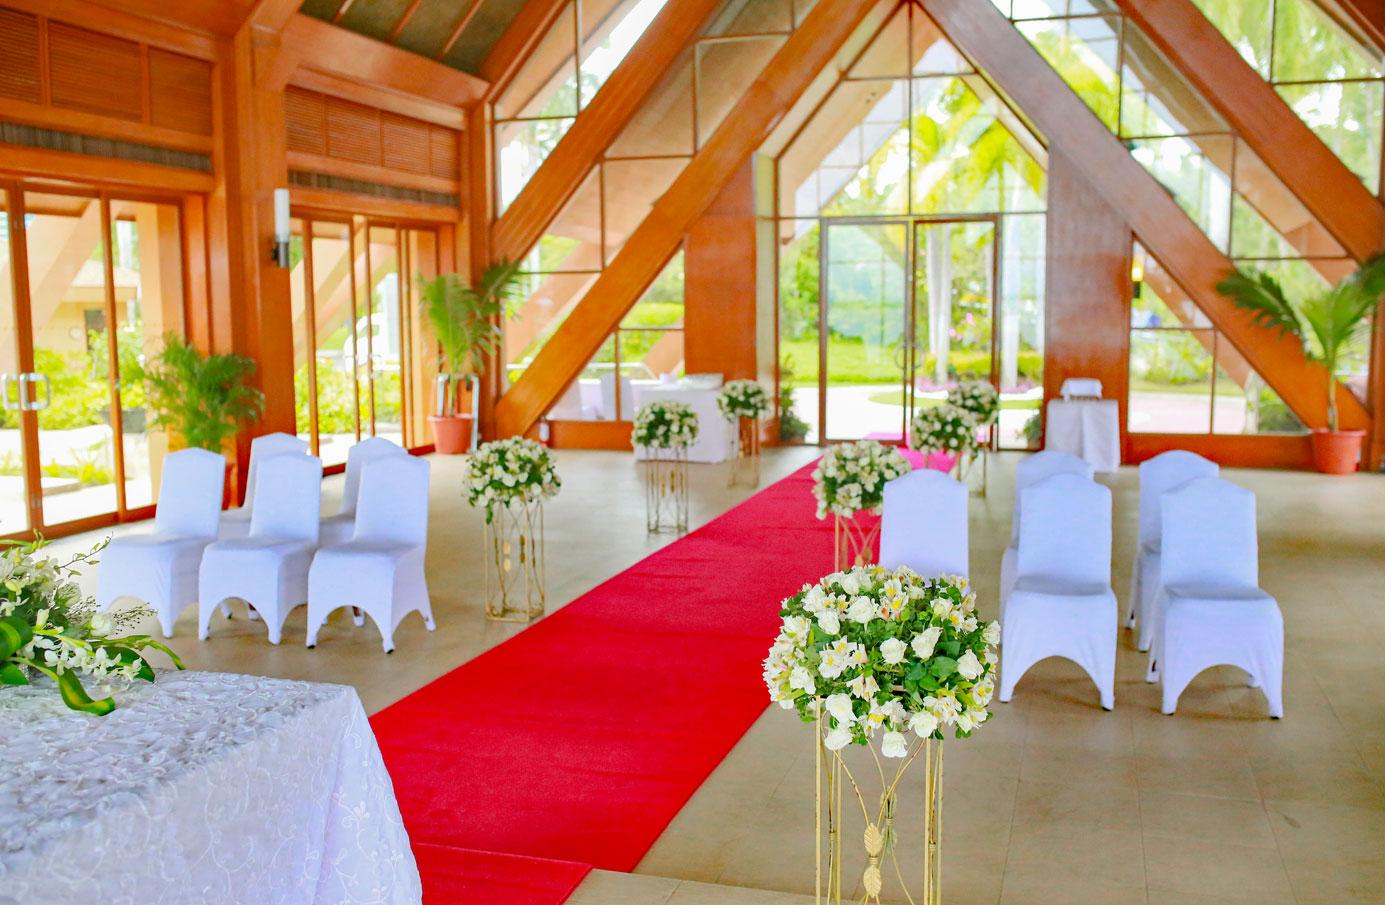 cebu-wedding-chapel-shangrila (9)